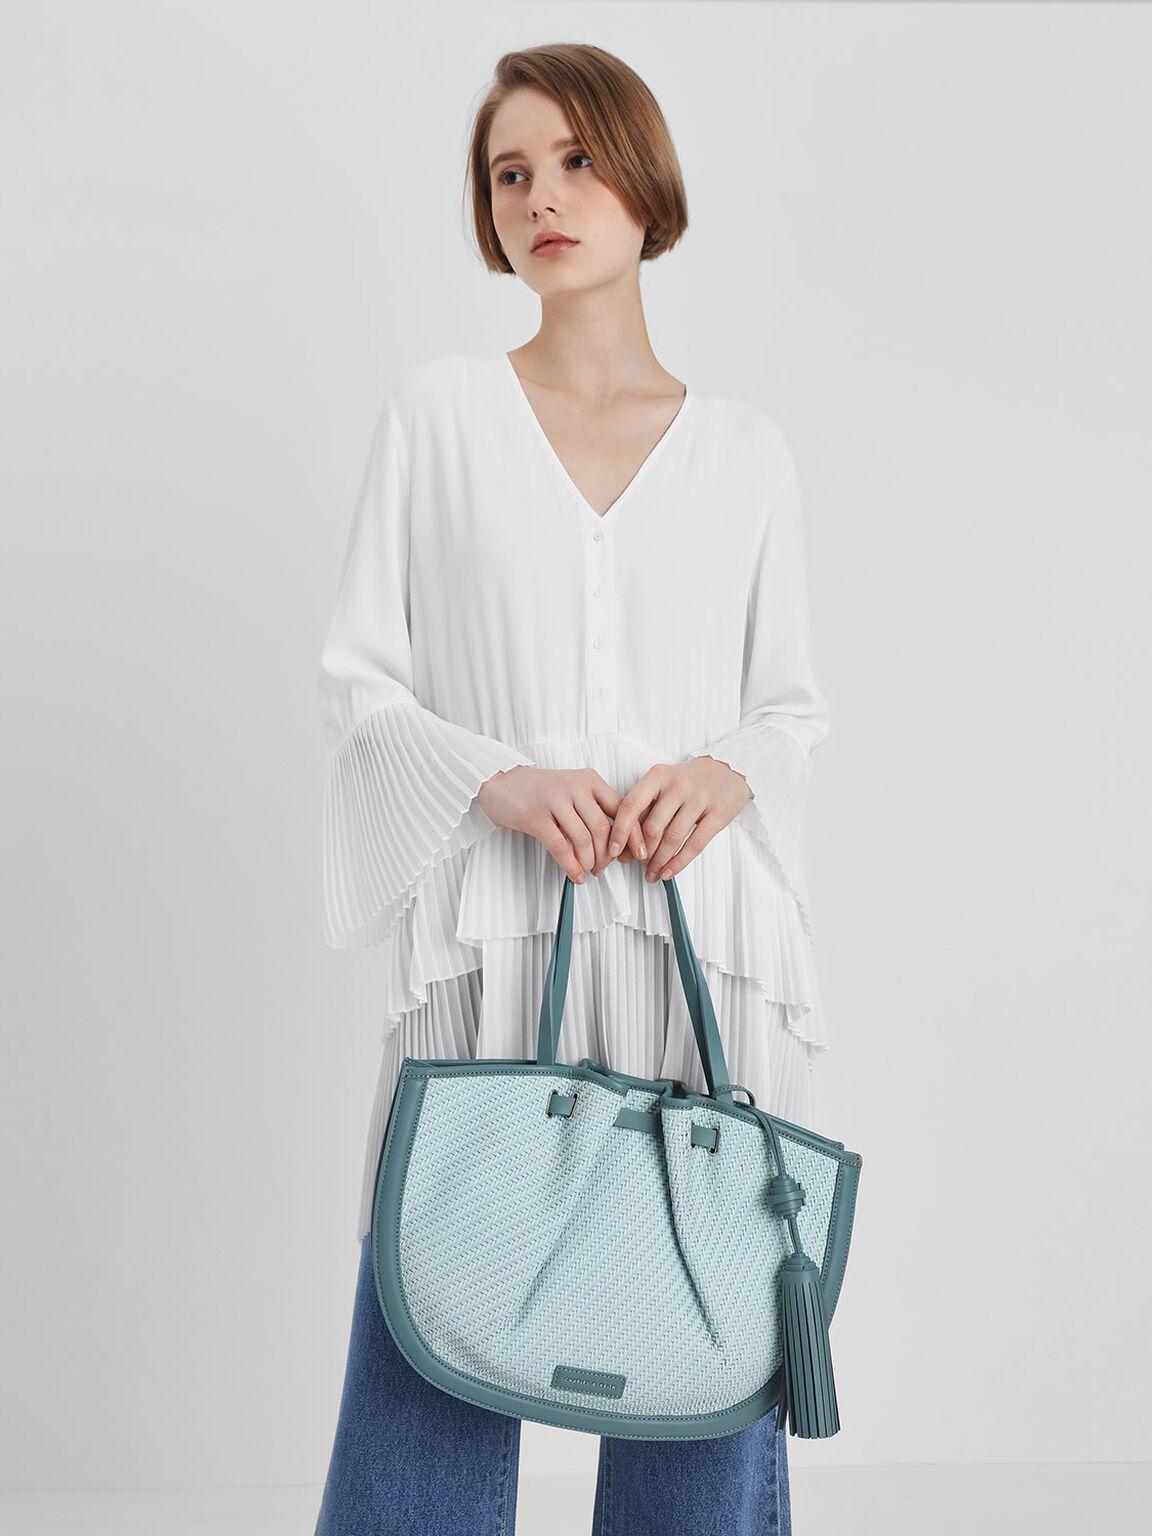 Tassel Tote Bag, Teal, hi-res